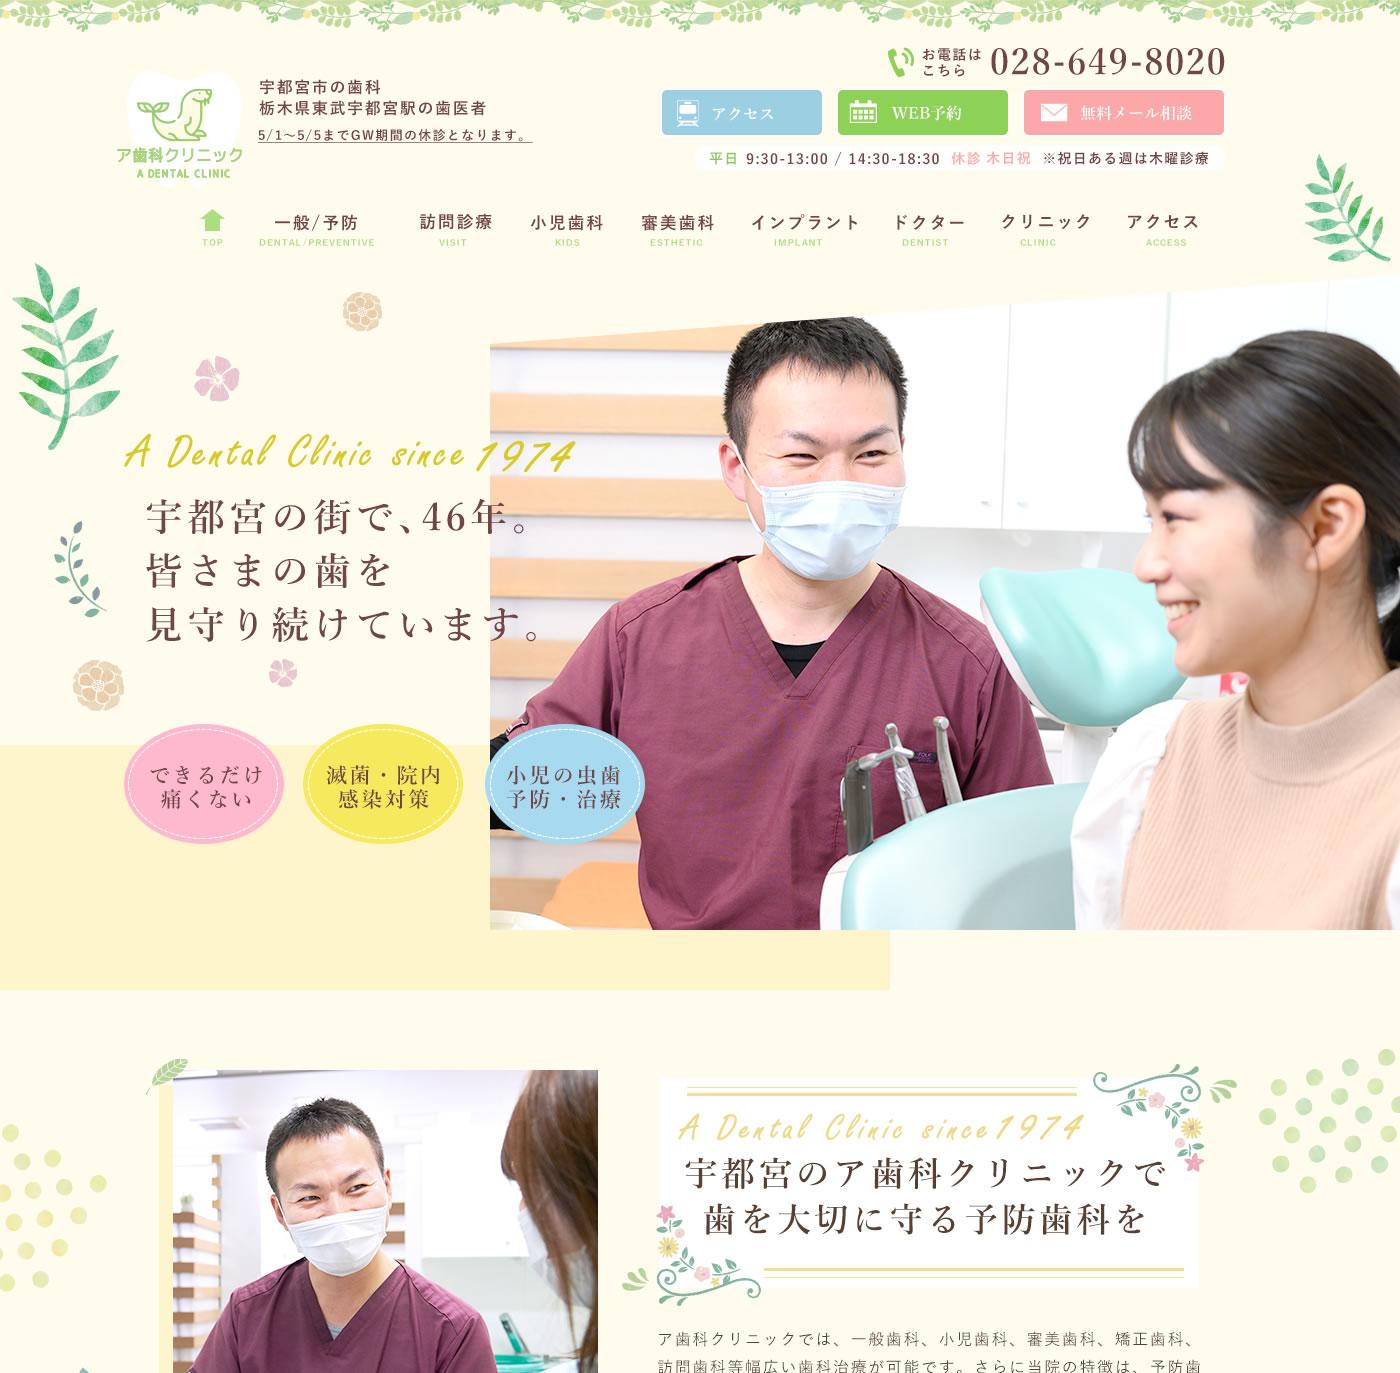 宇都宮の歯科医院